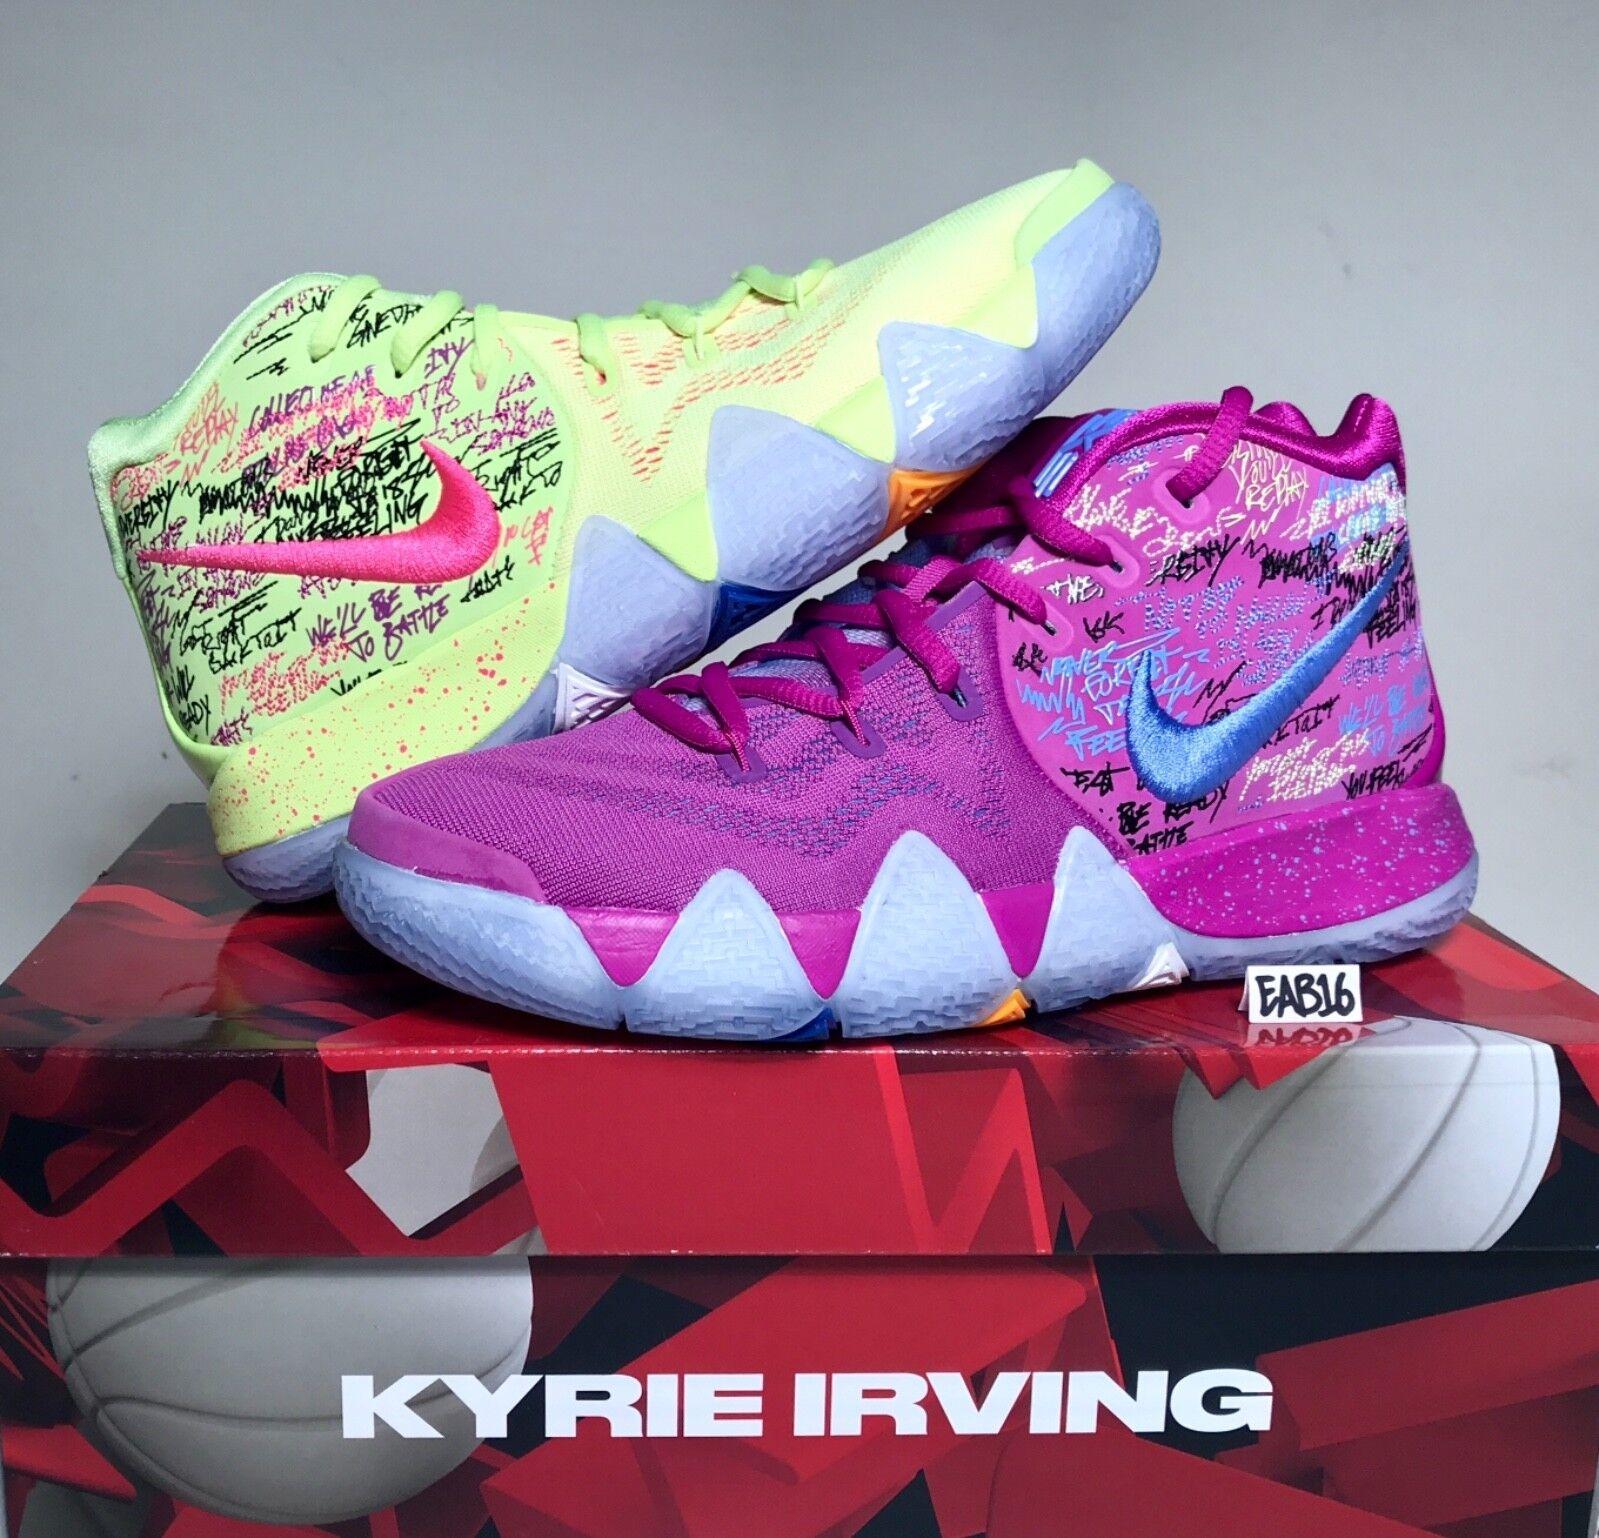 Nike kyrie irving 4 iv coriandoli viola e giallo multi - colore Uomo gs figli maschi